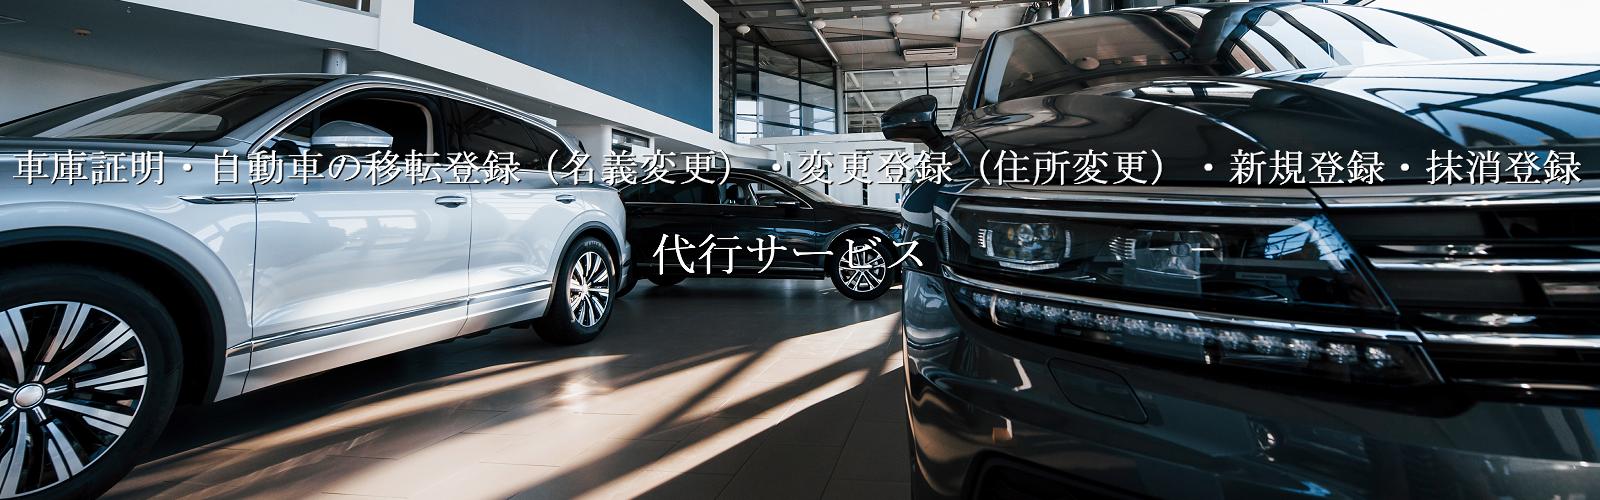 車庫証明・自動車の移転登録・変更登録・新規登録等代行サービス埼玉県